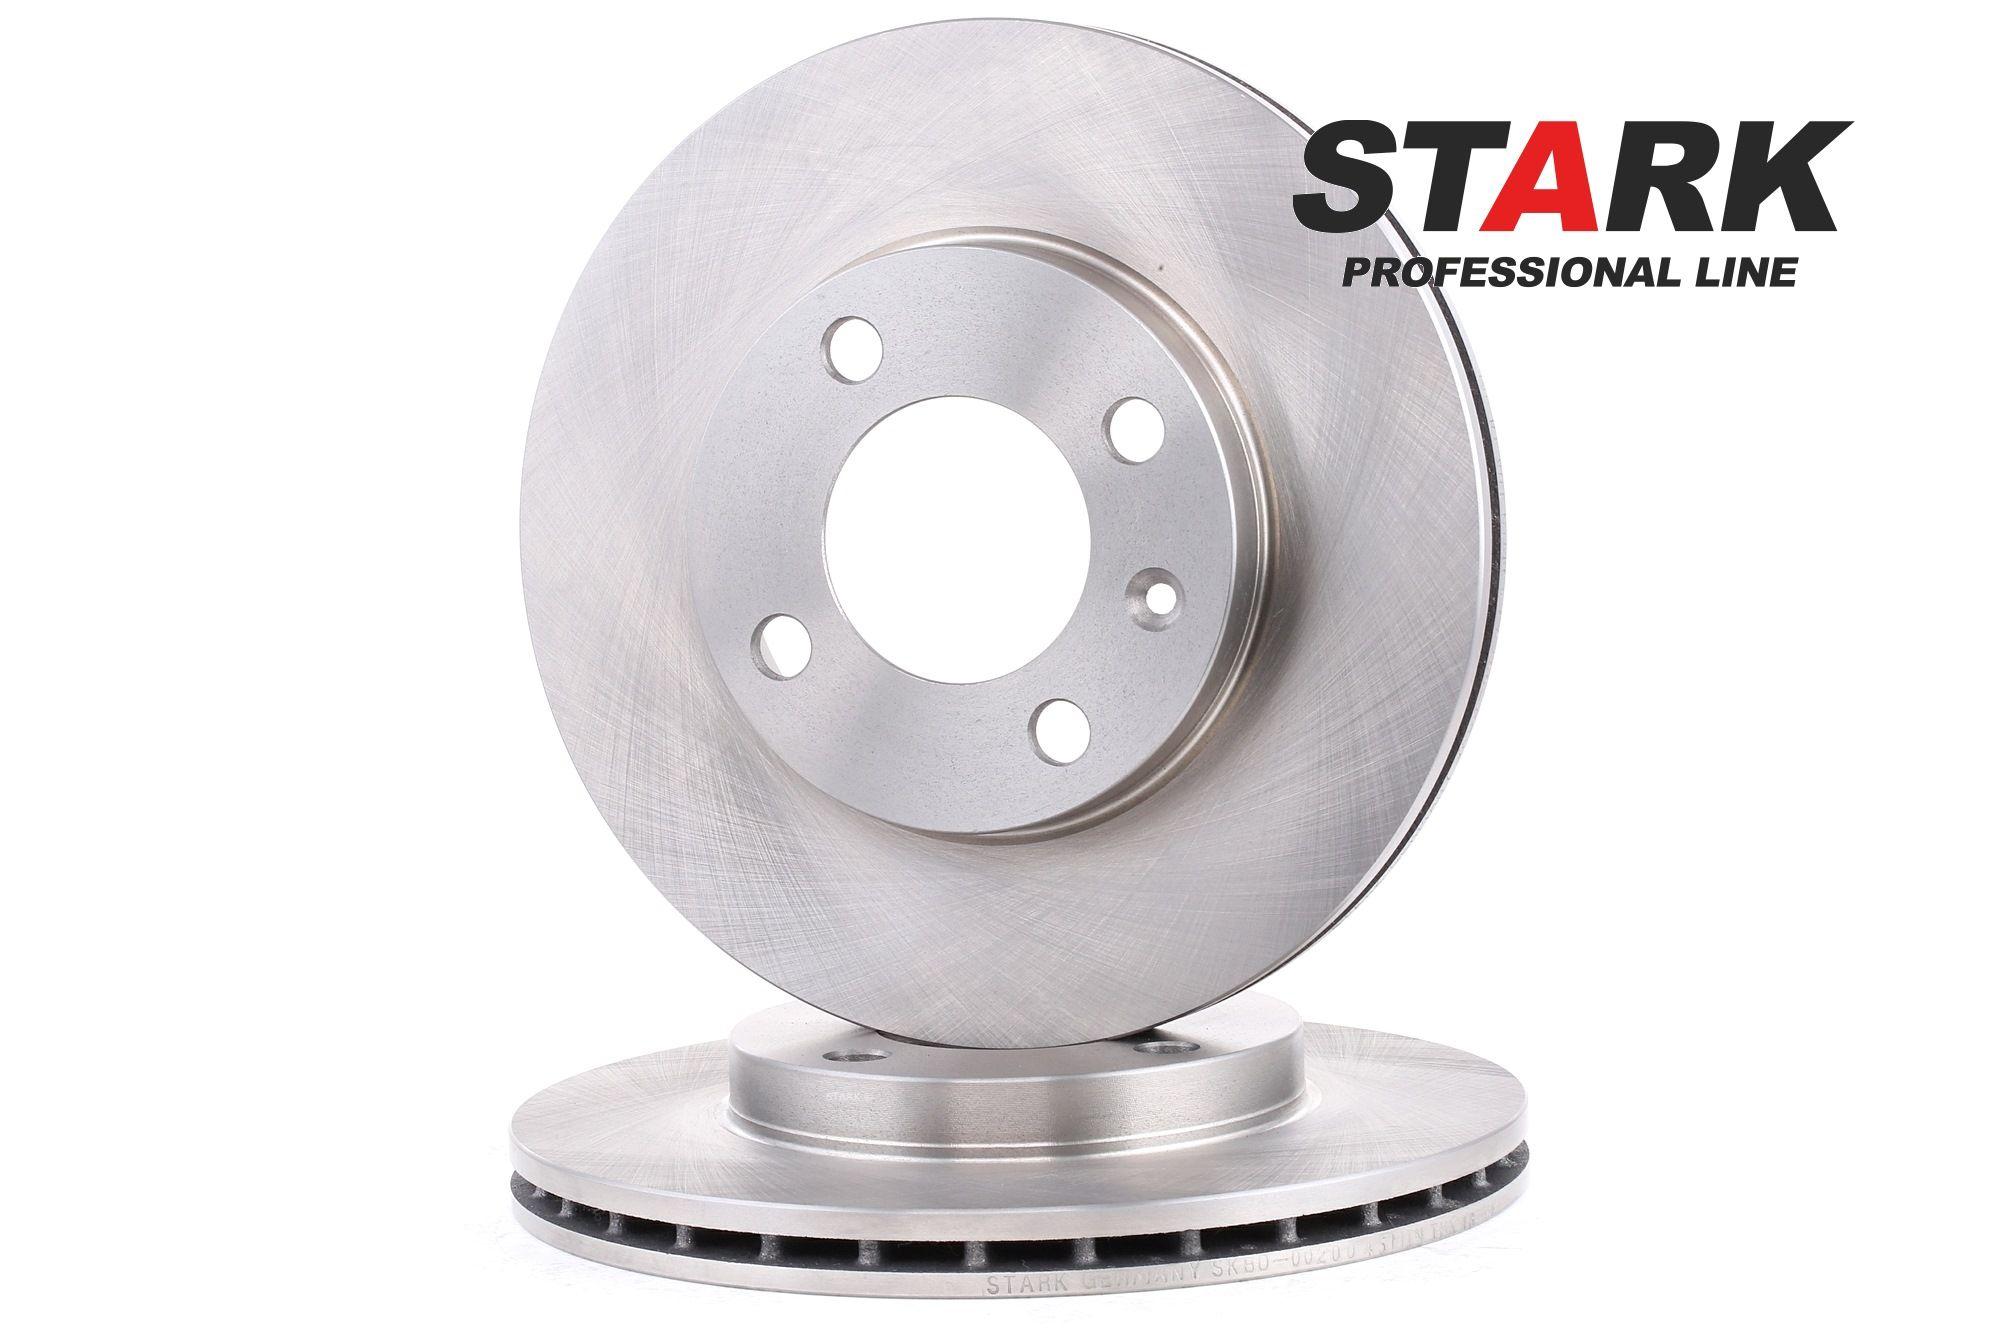 Achetez Tuning STARK SKBD-0020045 (Ø: 239mm, Nbre de trous: 4, Épaisseur du disque de frein: 20mm) à un rapport qualité-prix exceptionnel